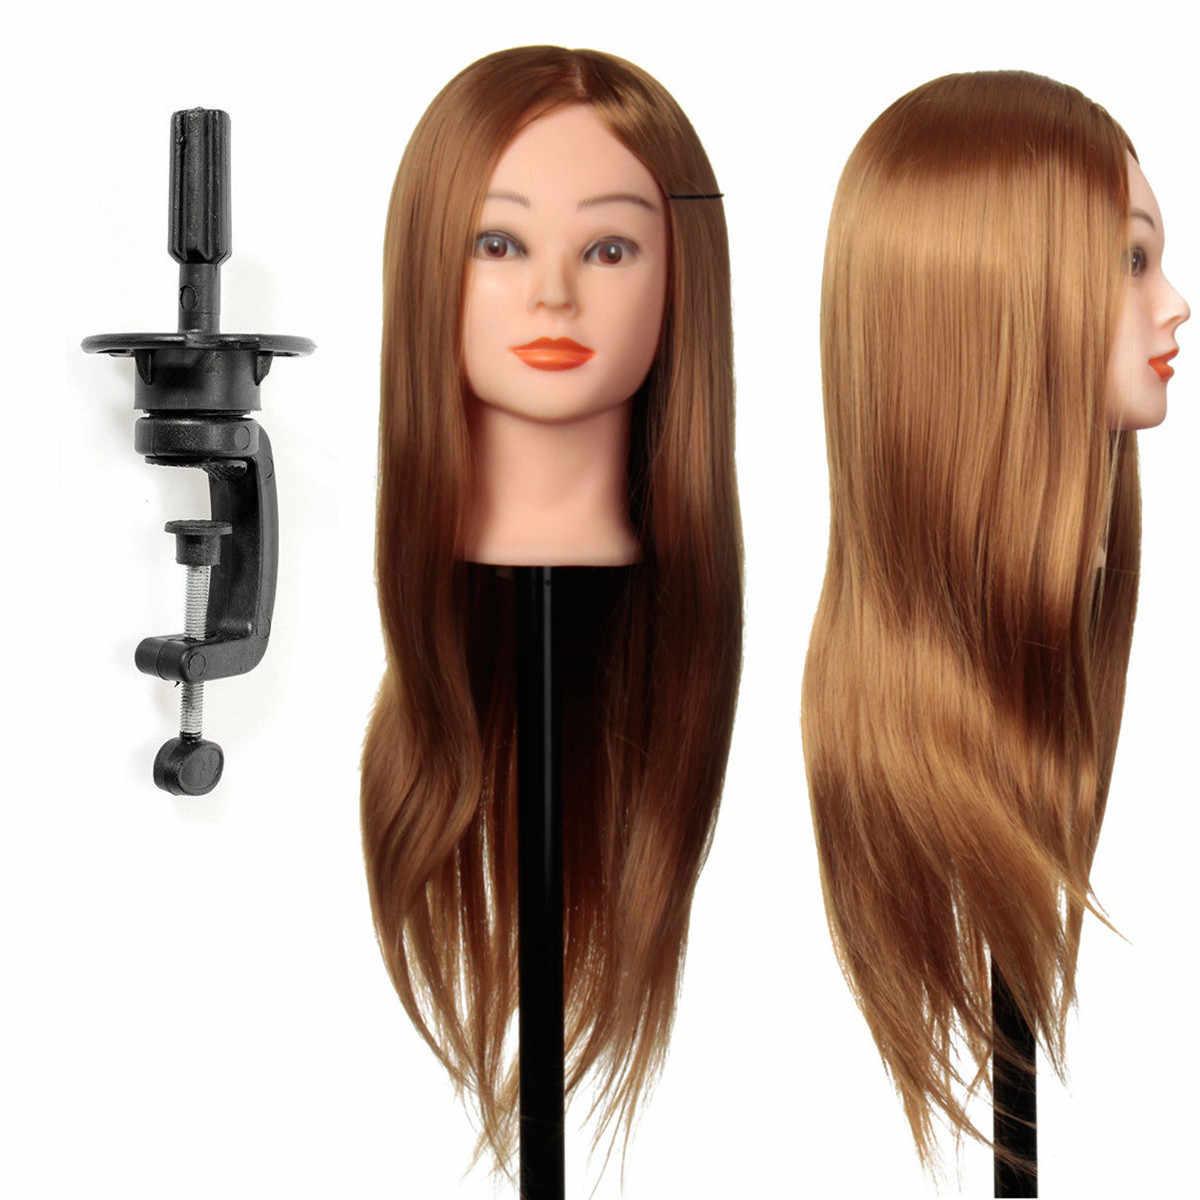 24 inç 30% Gerçek Doğal Saç Eğitim Manken Kafa Saç Modelleri Profesyonel Uygulama Için Standı Tutucu Ile Peruk Kafa Kadın